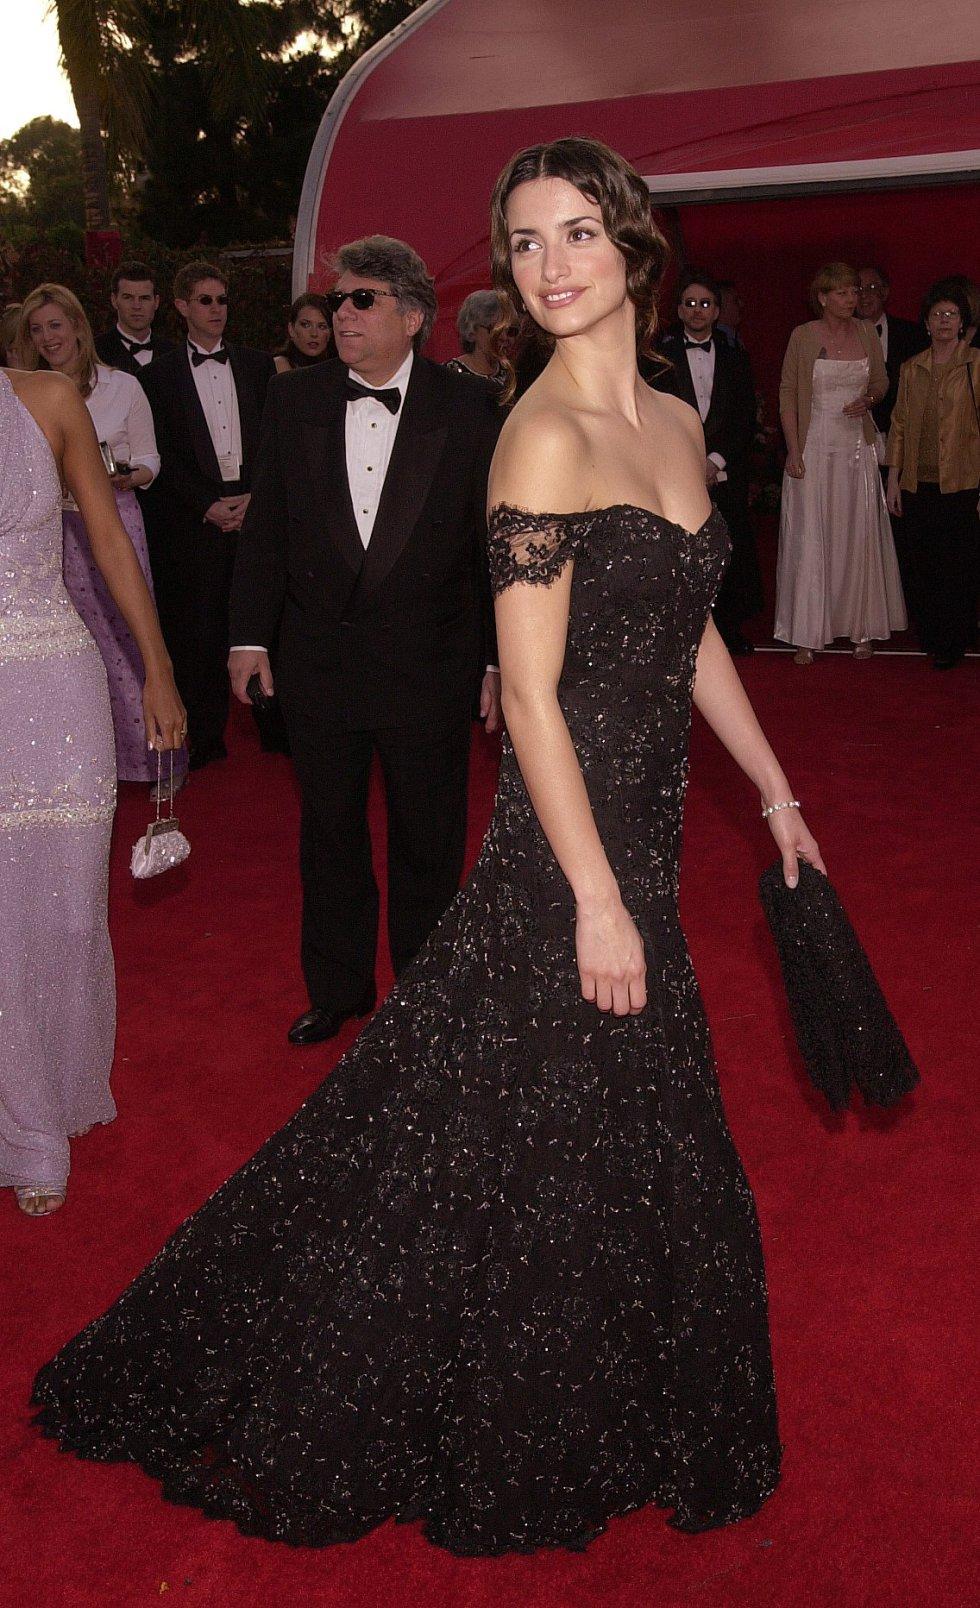 La actriz española Penélope Cruz, con un diseño negro de Ralph Lauren, en la gala de los Oscar de 2001.